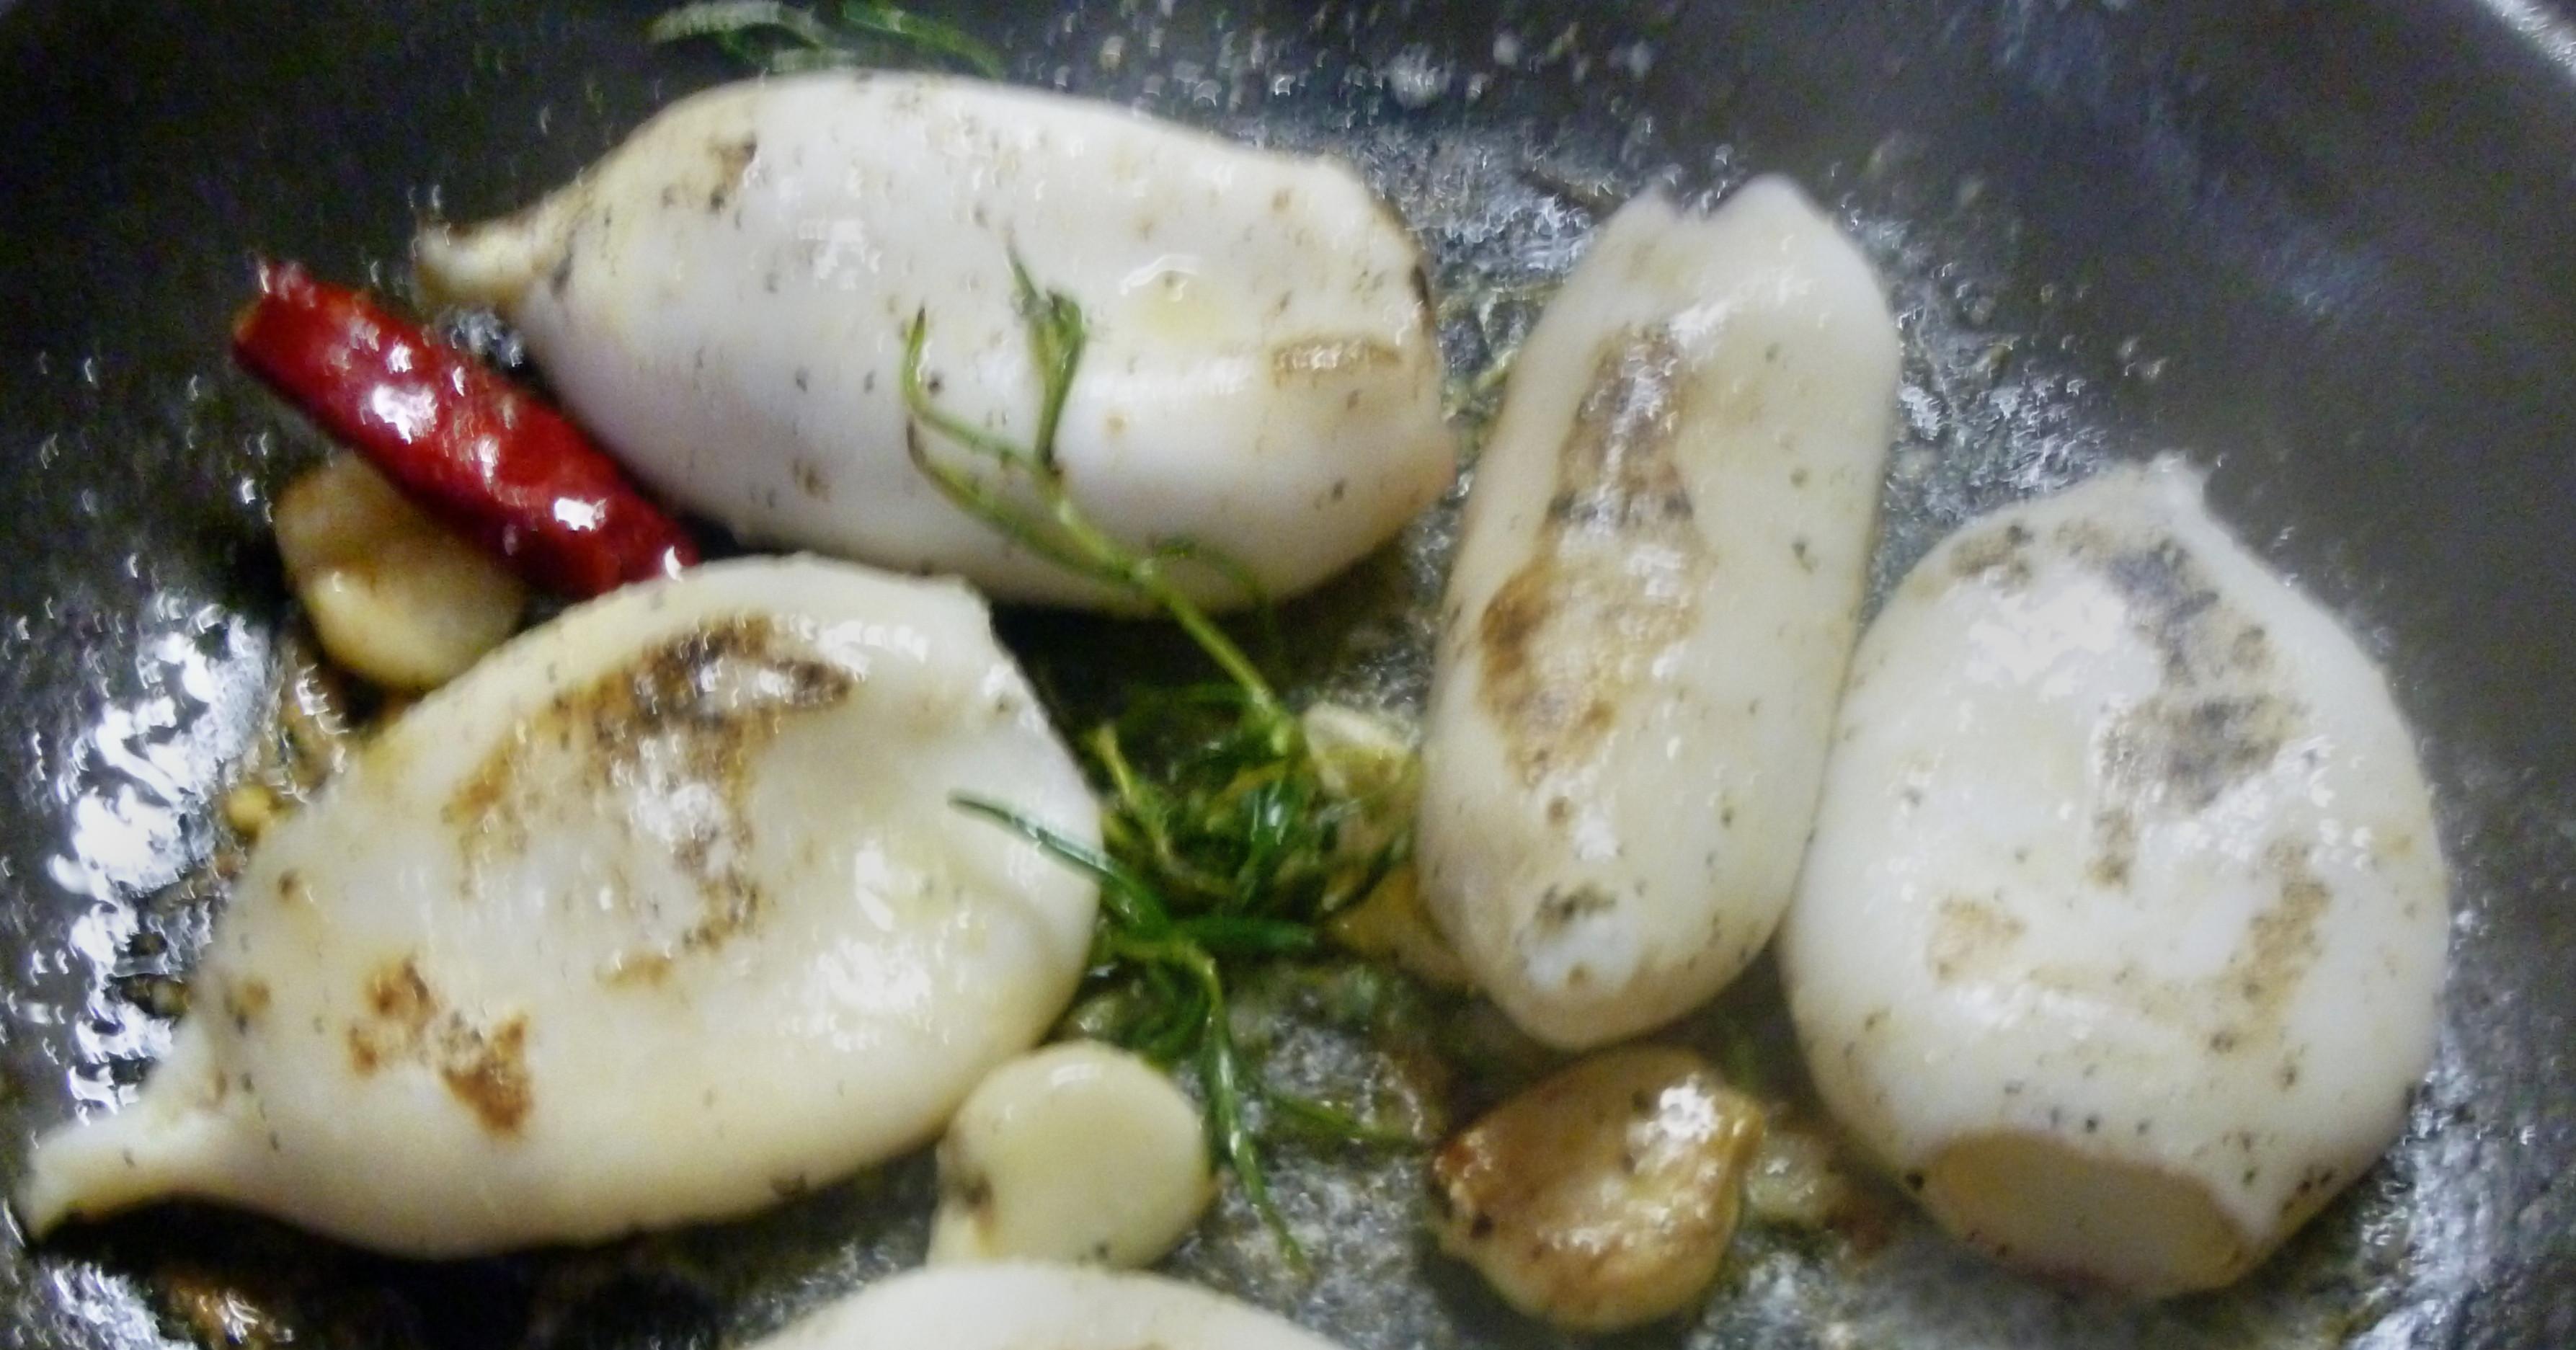 Tintenfisch Tuben,Reis,Tomatensalat,Melone -18.7.15   (5)